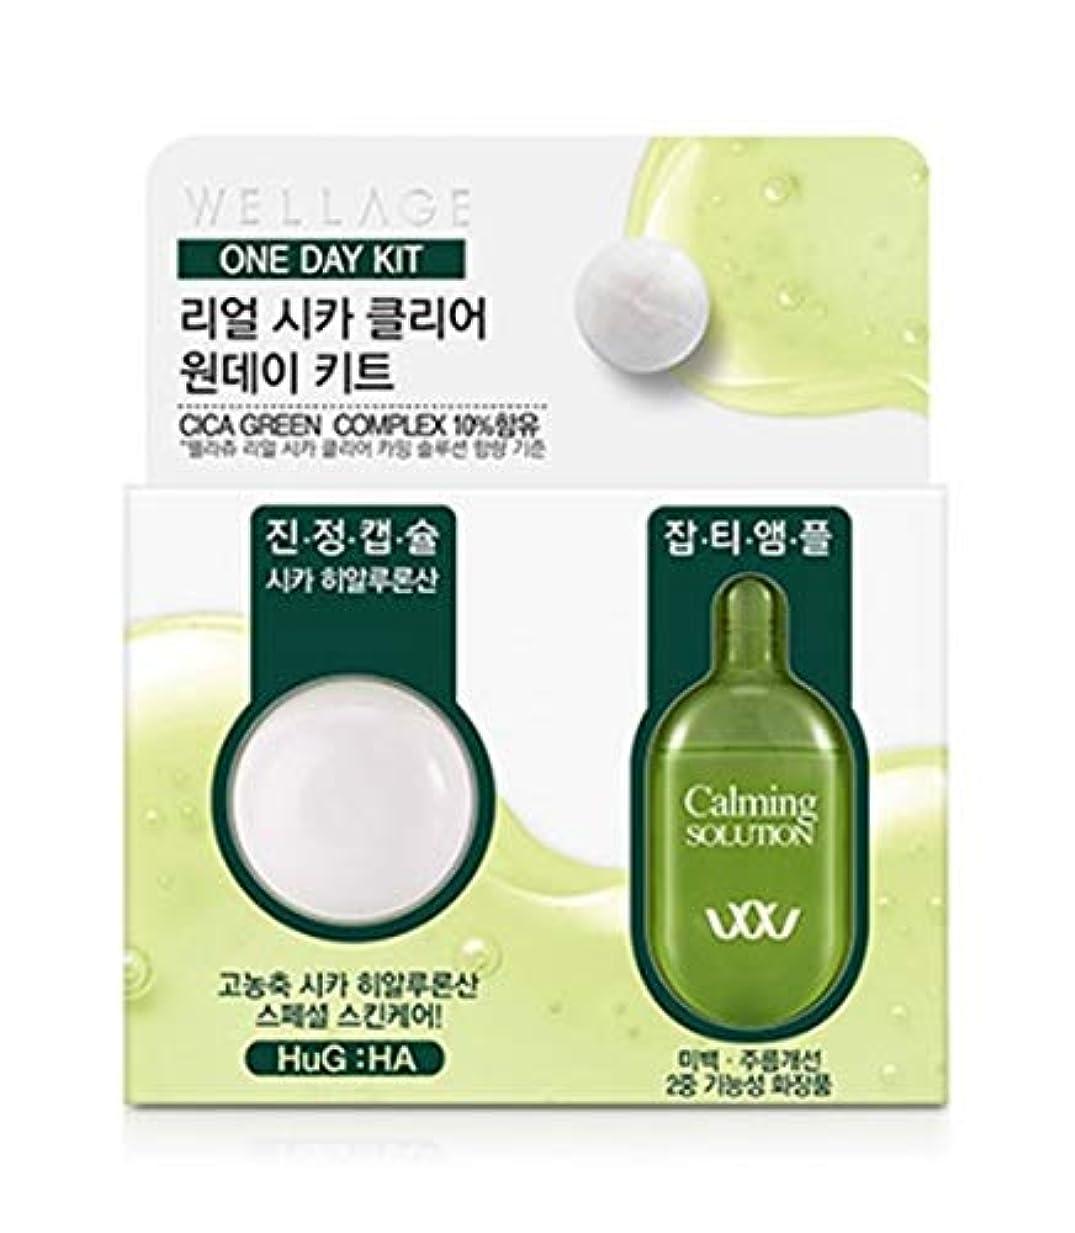 クリアパイルごちそうWellageウェレッジリアル1日キットCICAクリアアンプルカプセル 韓国の人気化粧品ブランドの基礎化粧アンプル、カプセル、女性の肌鎮静スキンケア